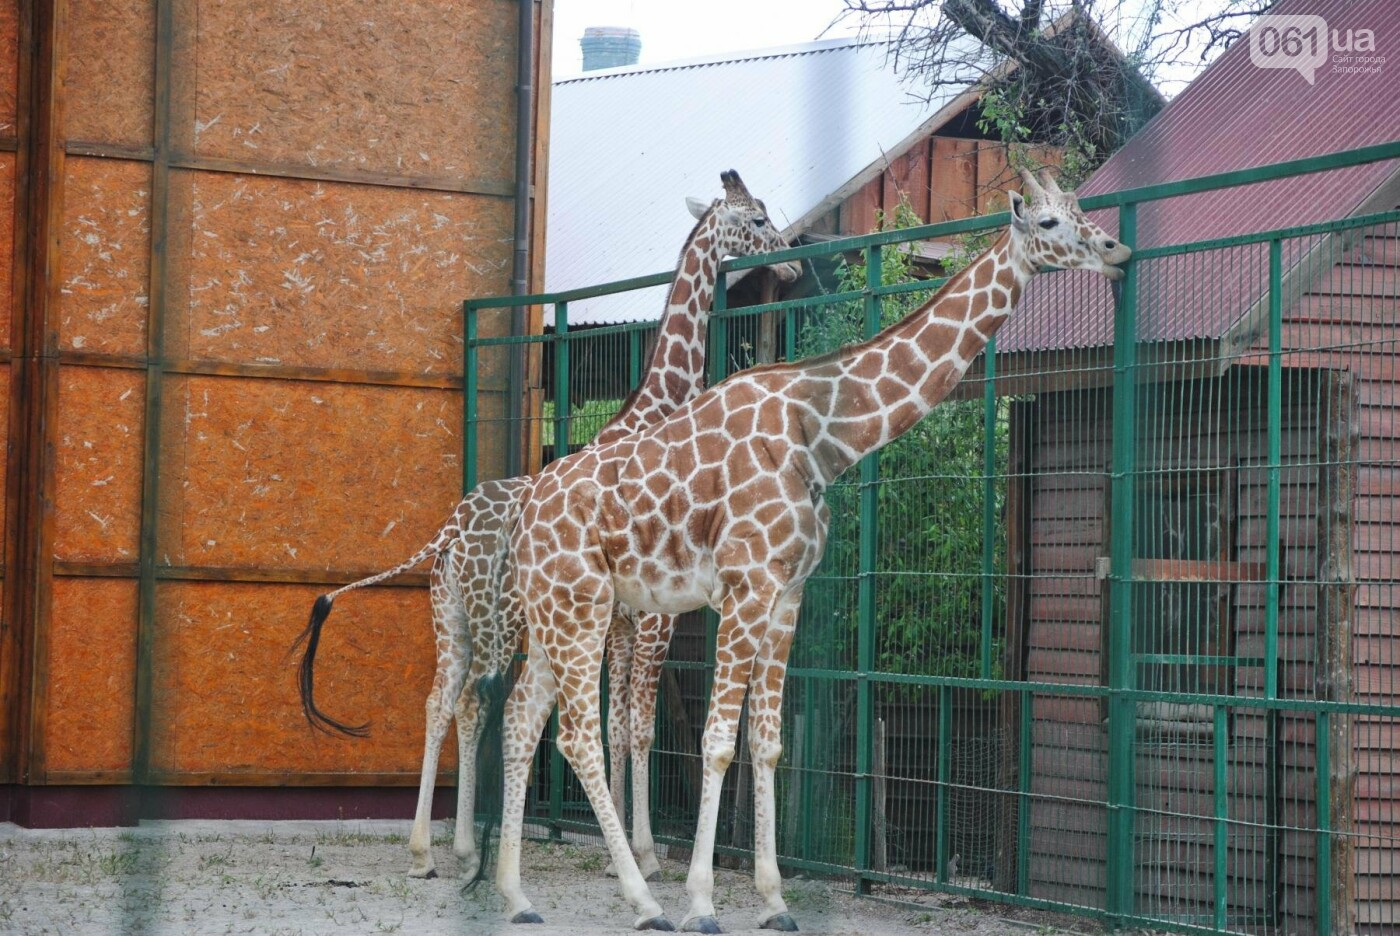 В бердянском зоопарке появились кенгуру: они любят хлеб и скоро станут ручными, - ФОТОРЕПОРТАЖ, фото-29